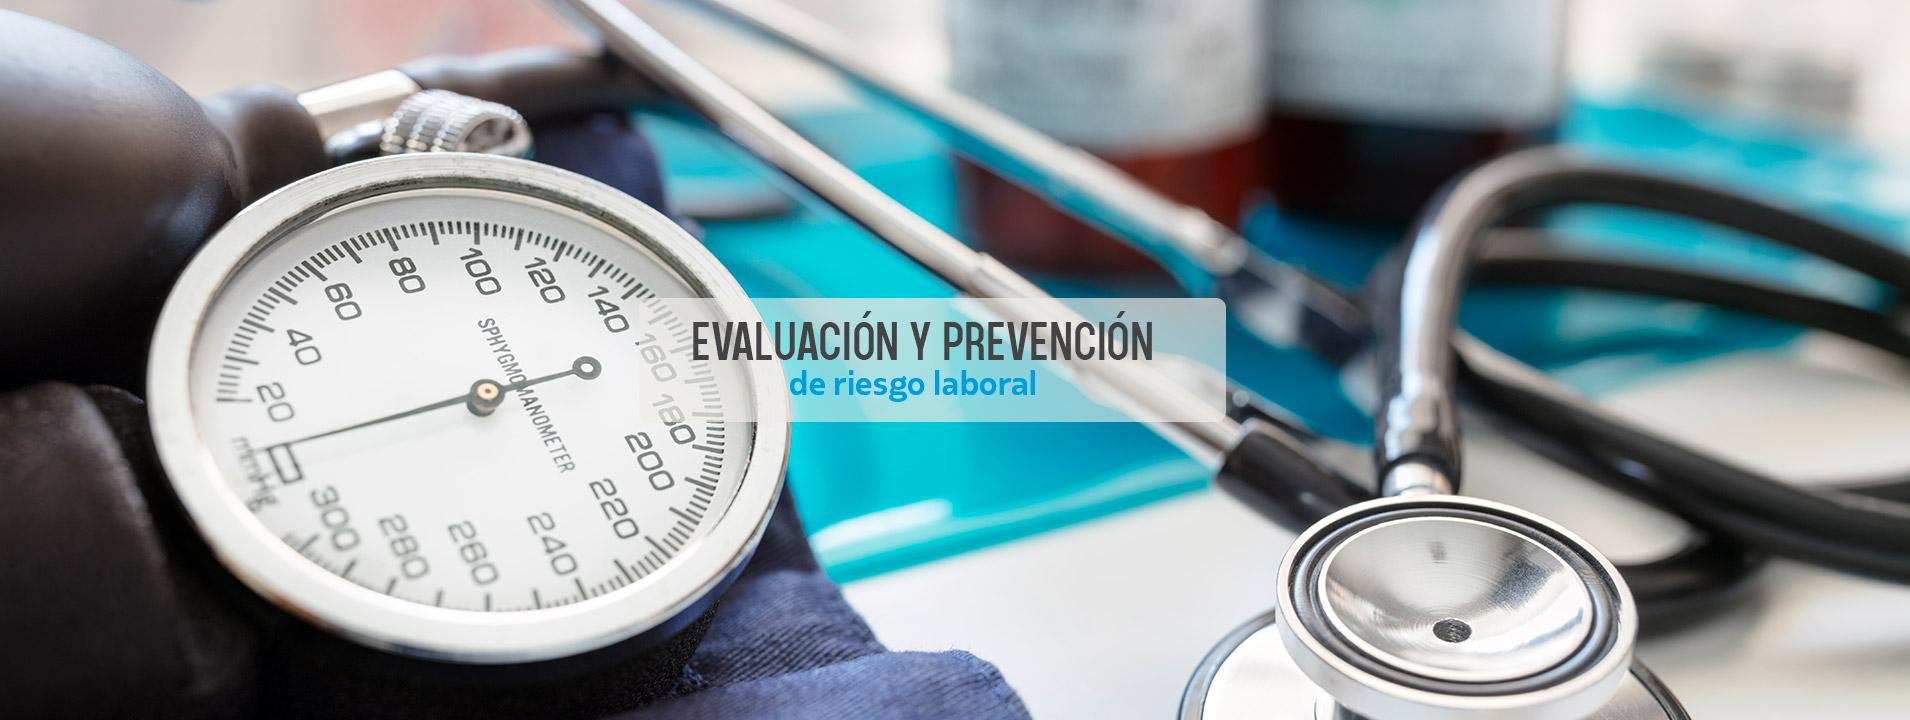 centro medico en quito Centro Médico en Quito prevencion de riesgo laboral